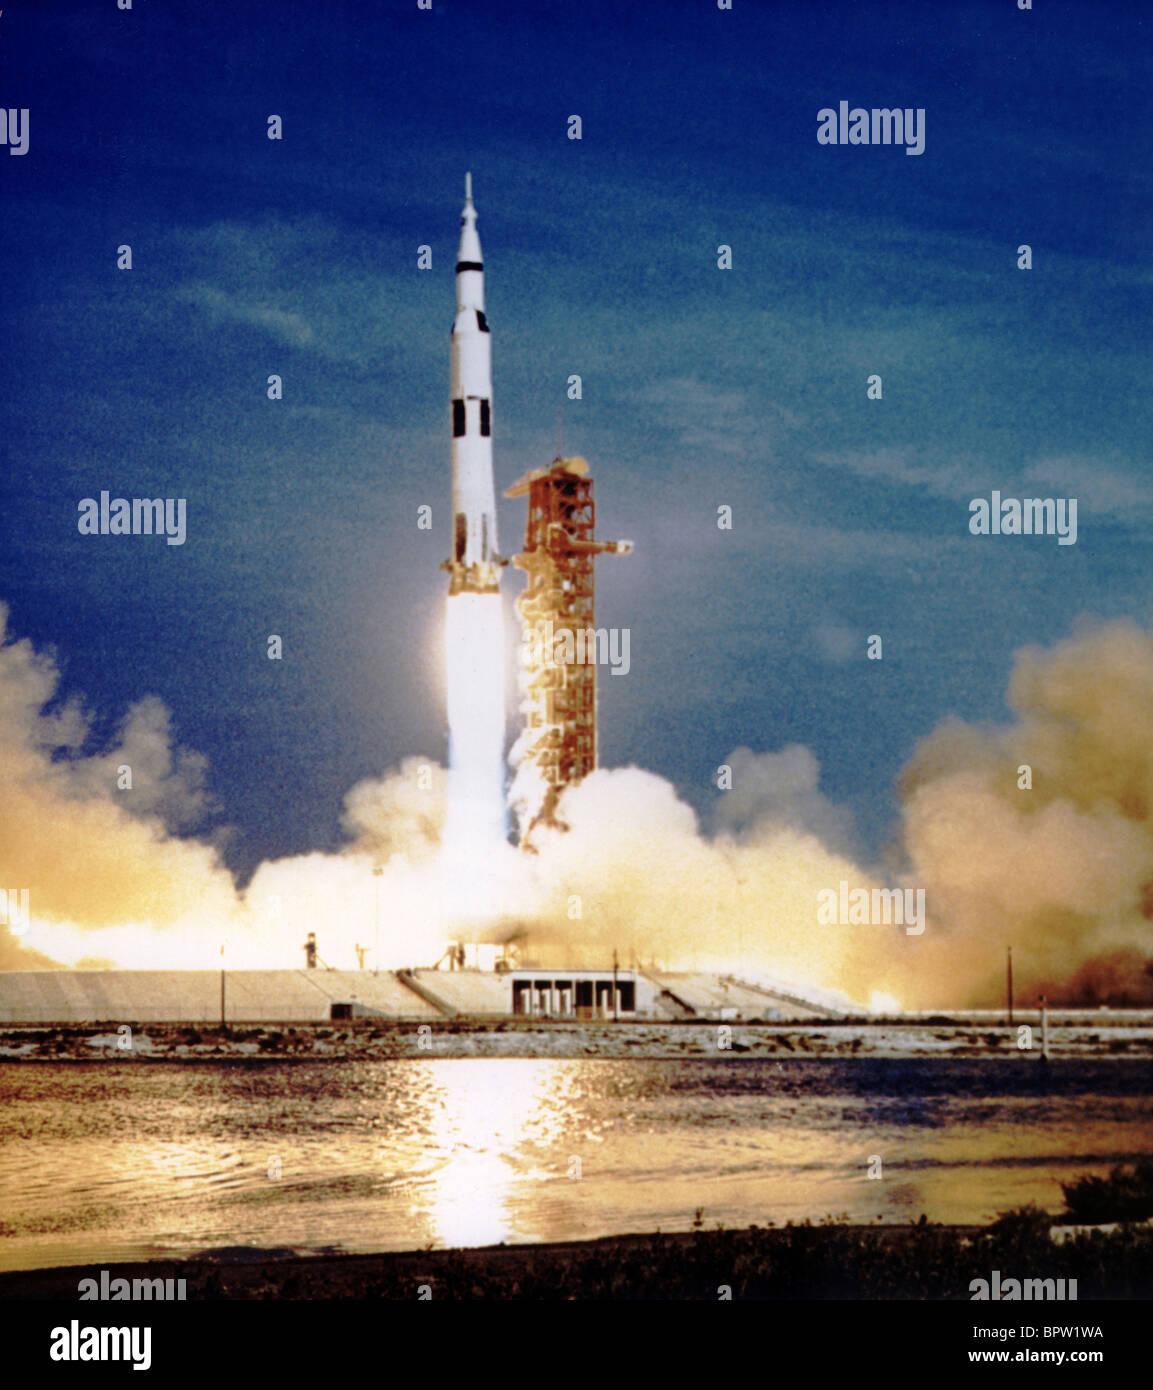 Lancement d'une fusée Saturn Apollo 11 (1969) Photo Stock